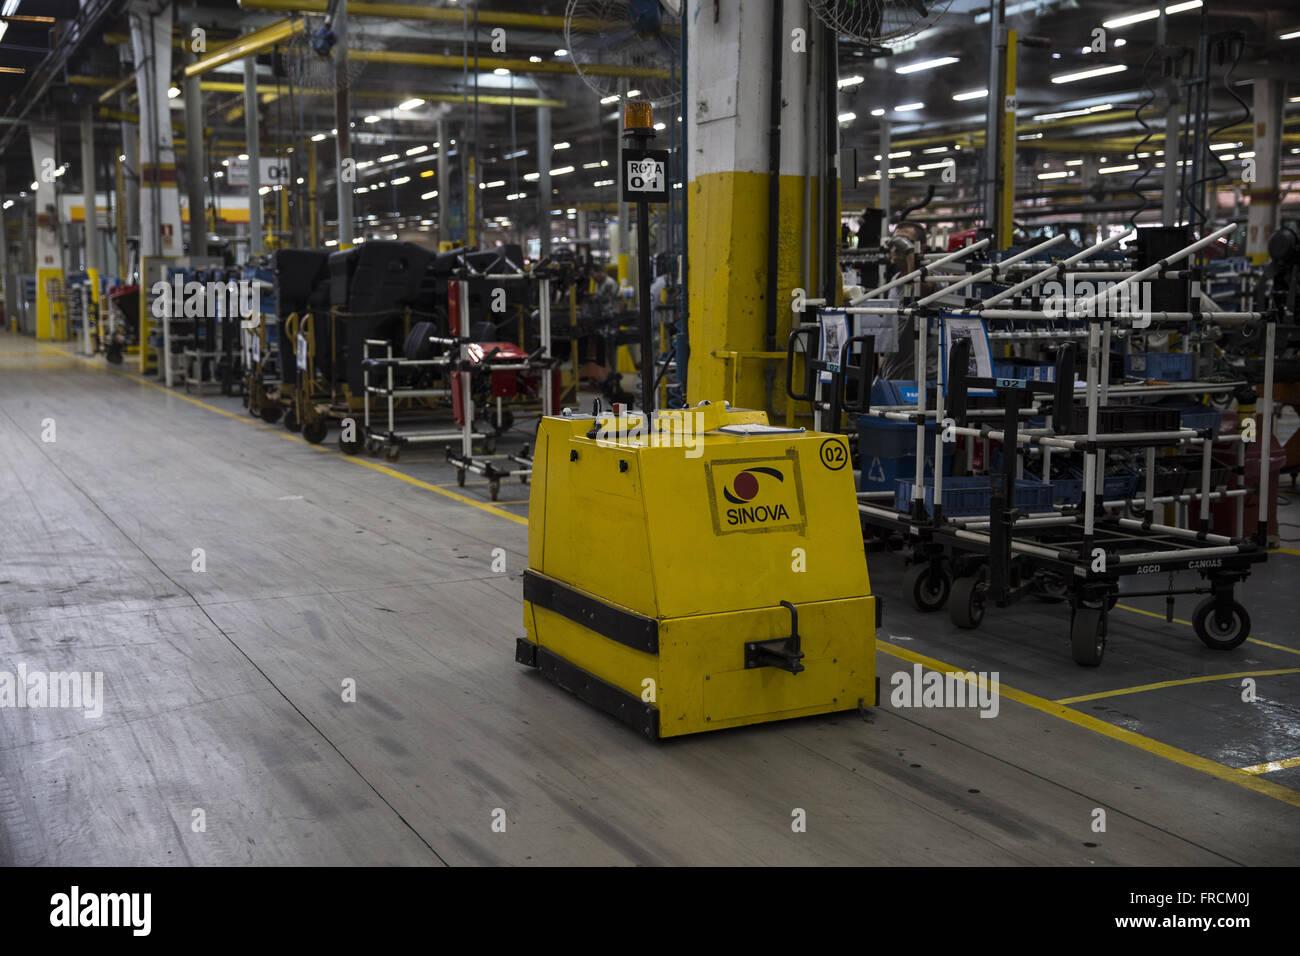 Autonômo Veículo para transporte de peças dentro da fabrica de tratores Immagini Stock